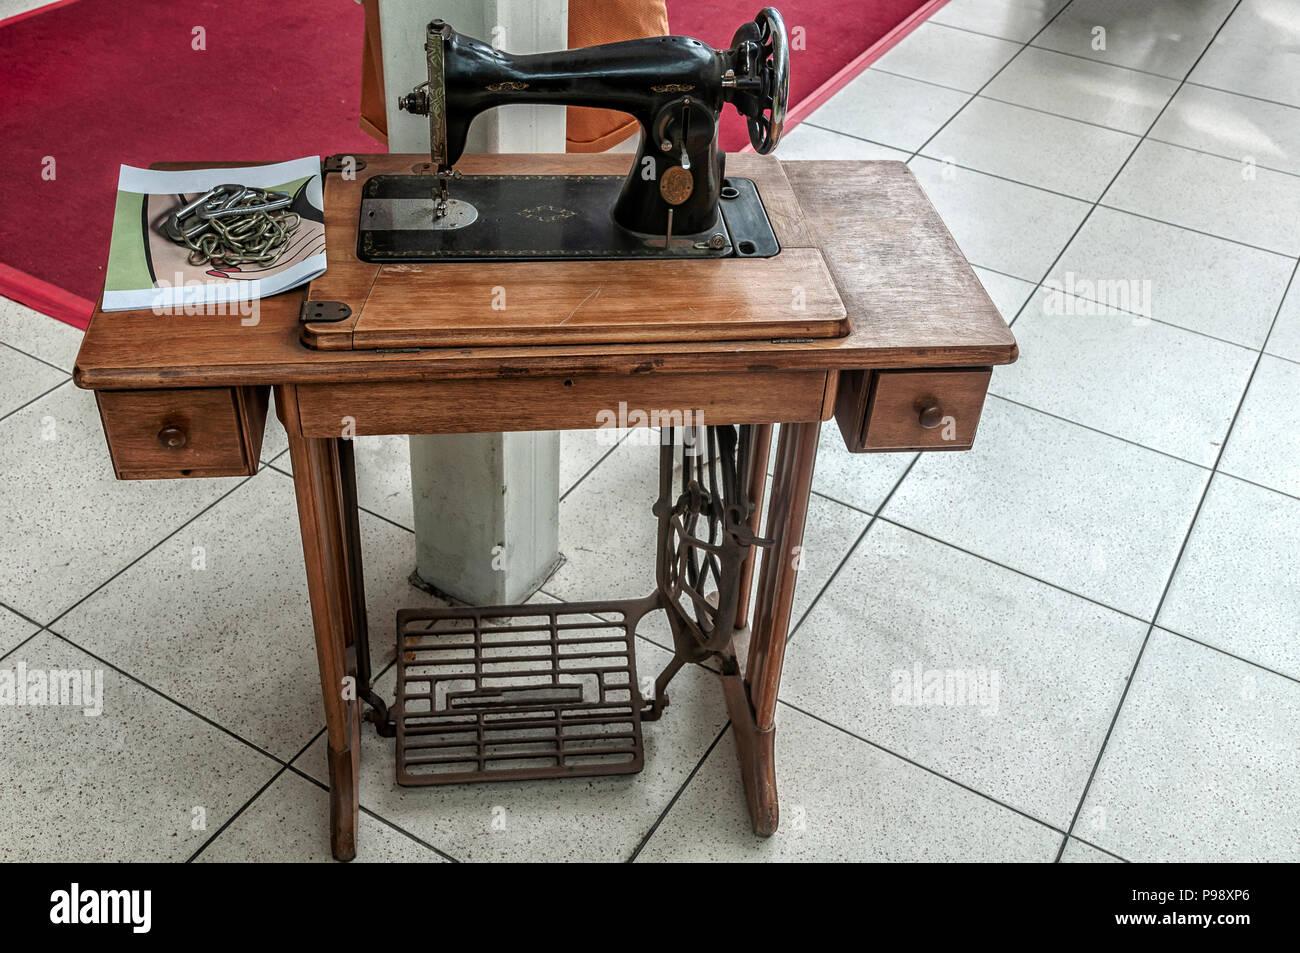 Models older singer machines sewing Comprehensive Singer